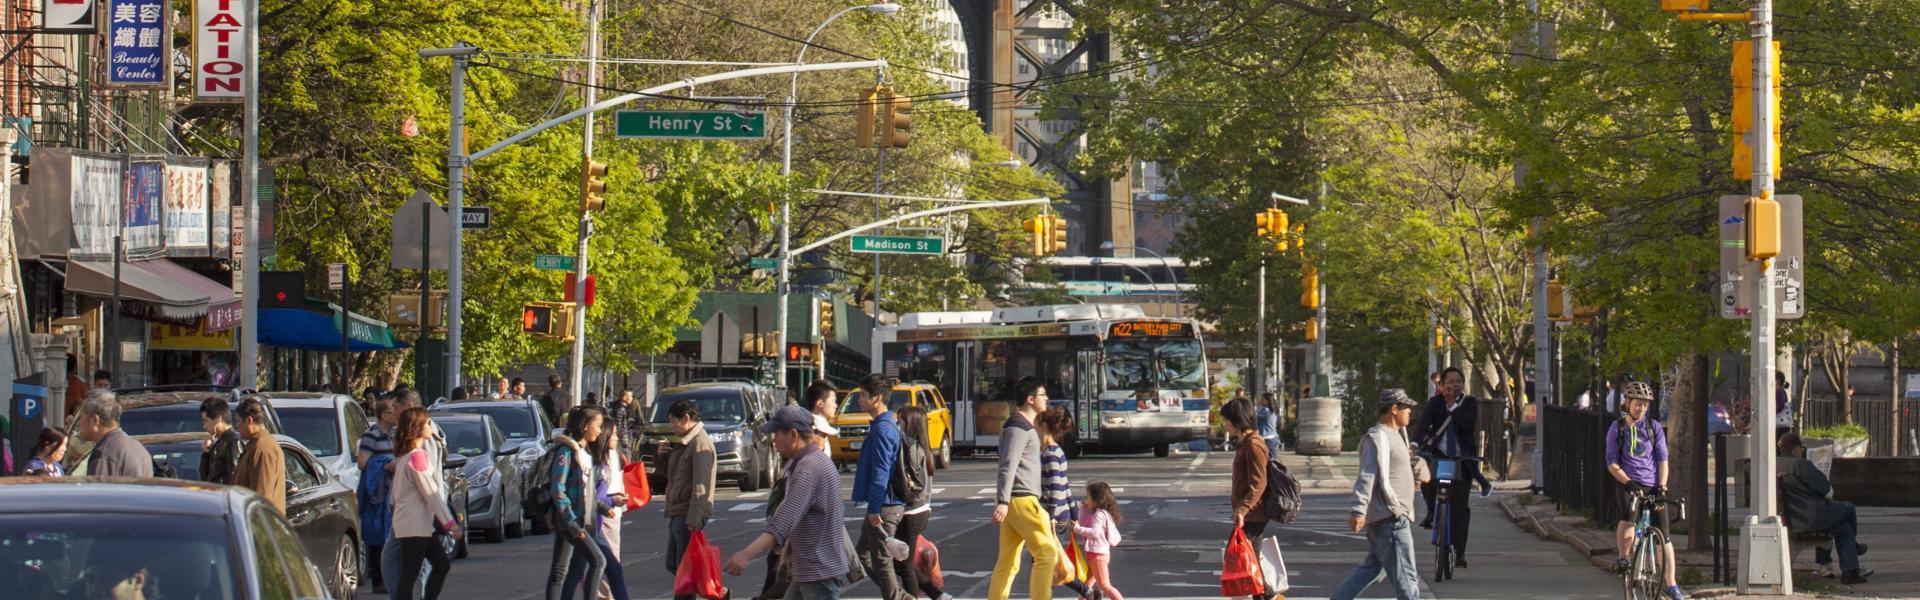 Chinatown Manhattan, Street